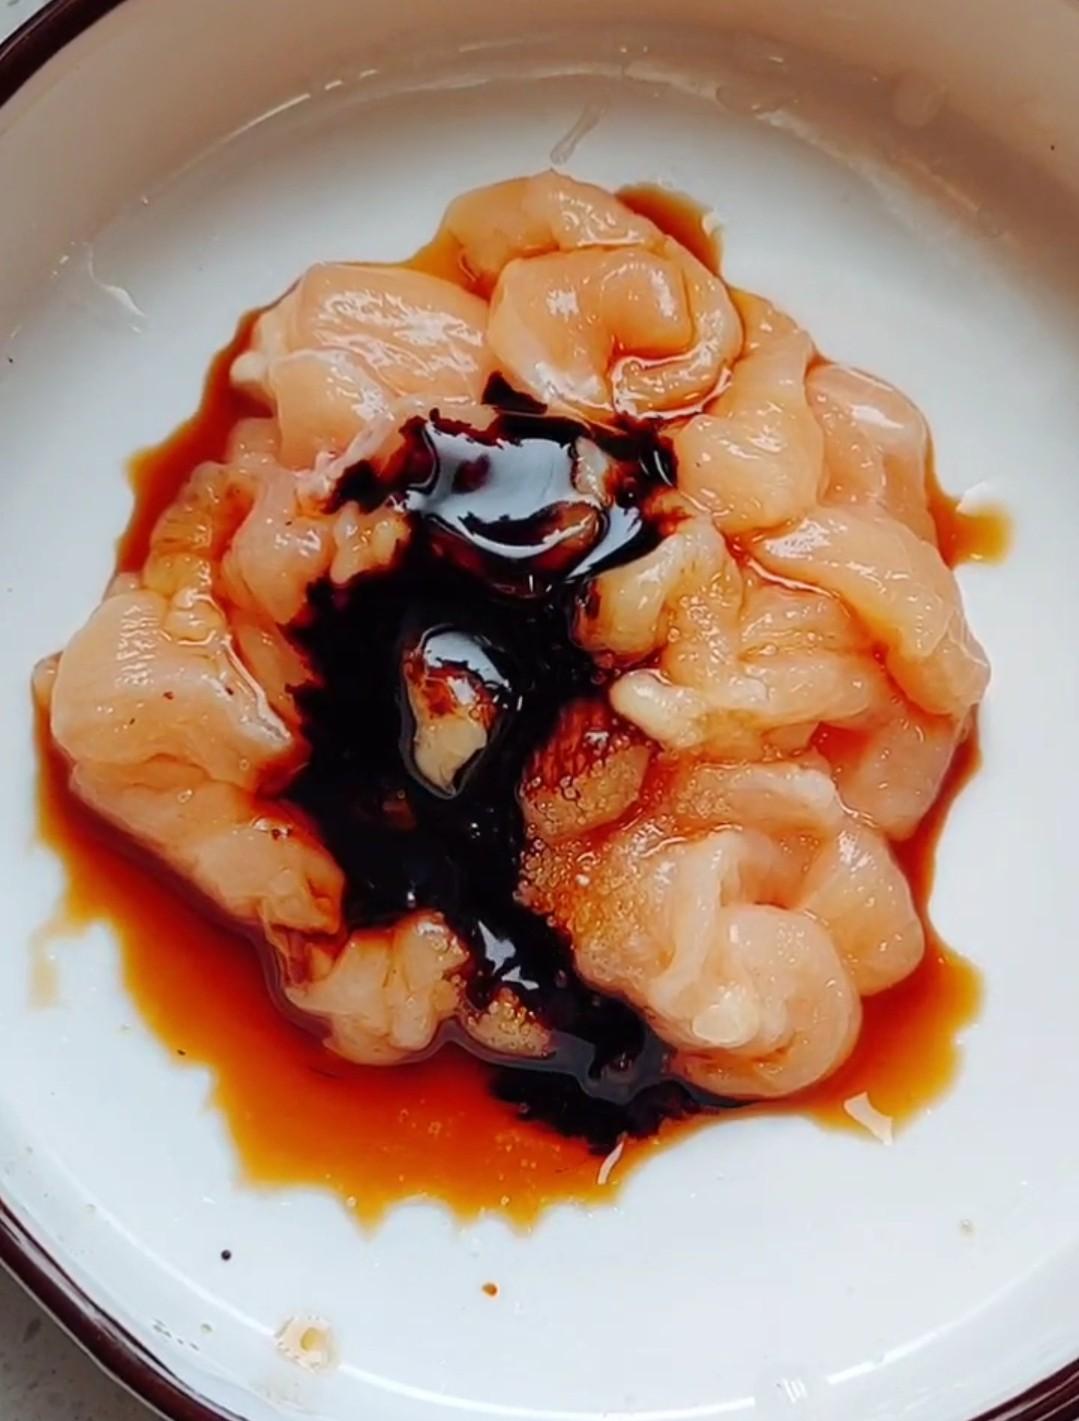 #最美不过中秋味#中国节的家常做法